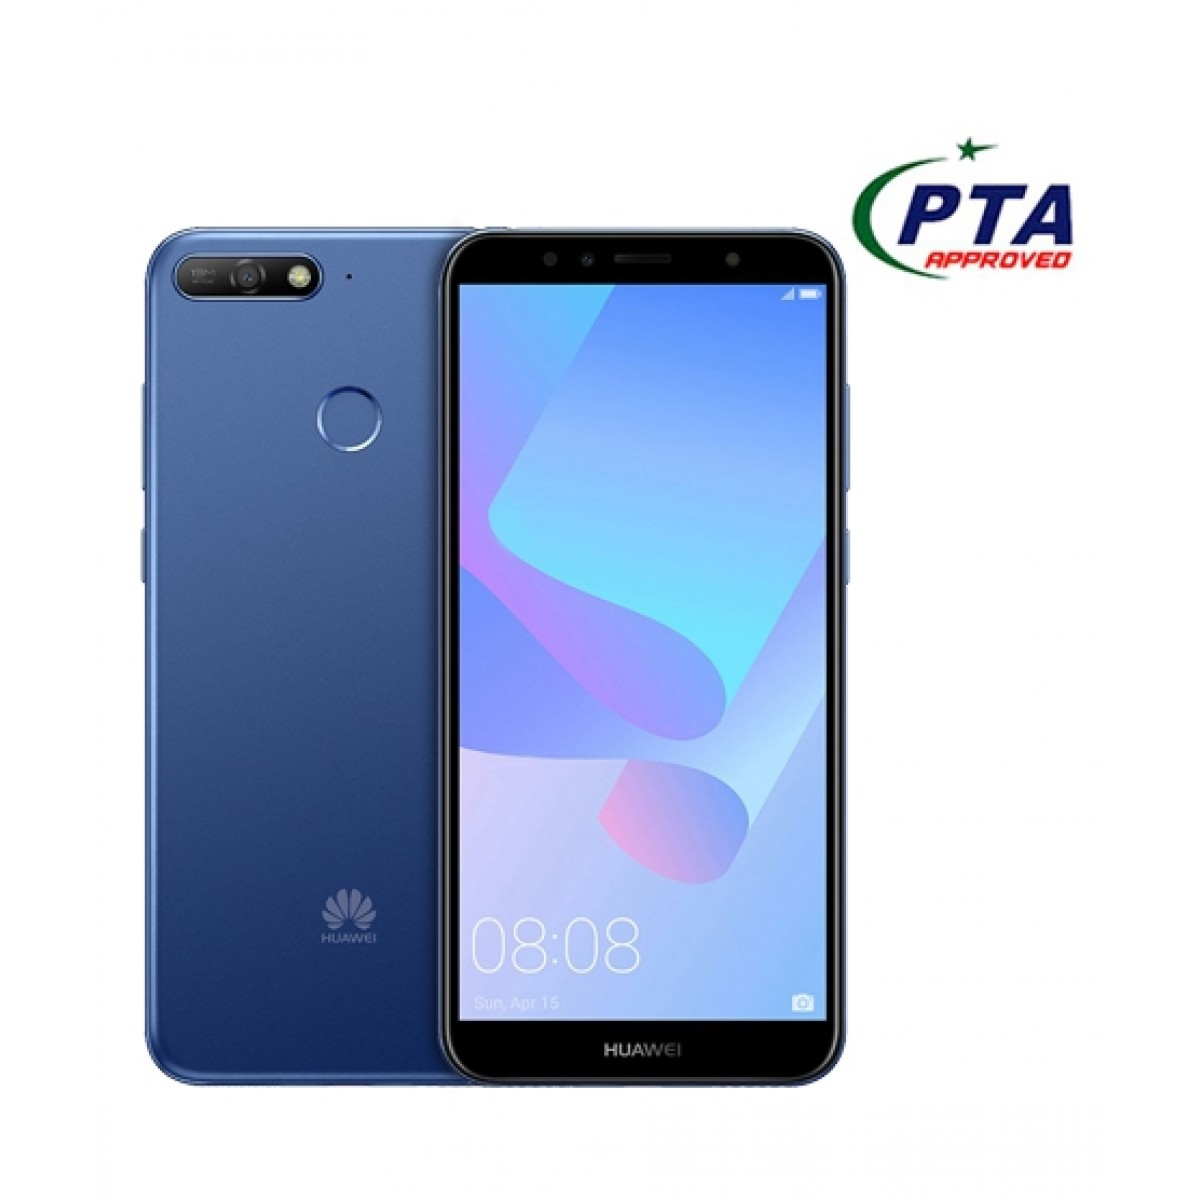 Huawei Y6 Prime 2018 16GB Dual Sim Blue